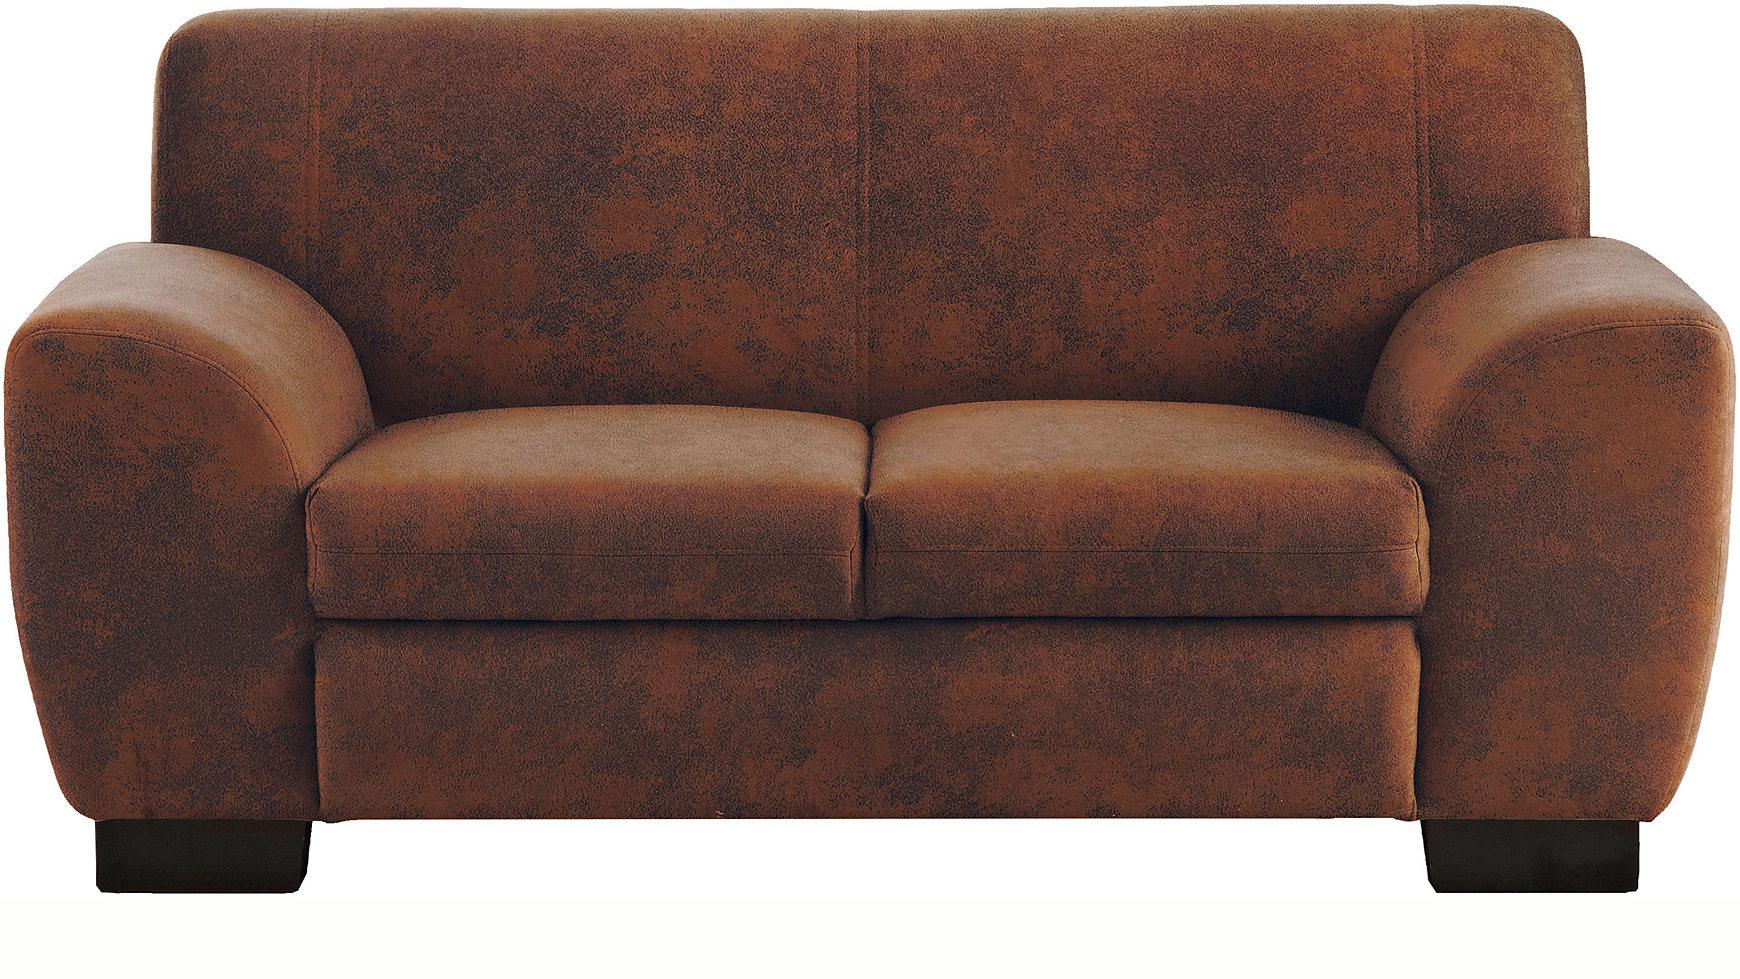 Full Size of 2 Sitzer Sofa Mit Relaxfunktion Gemtliches 2er Online Kaufen Bei Cnouchde Boxen Echtleder Husse Betten Matratze Und Lattenrost 140x200 Bett 160x200 Komplett Sofa 2 Sitzer Sofa Mit Relaxfunktion